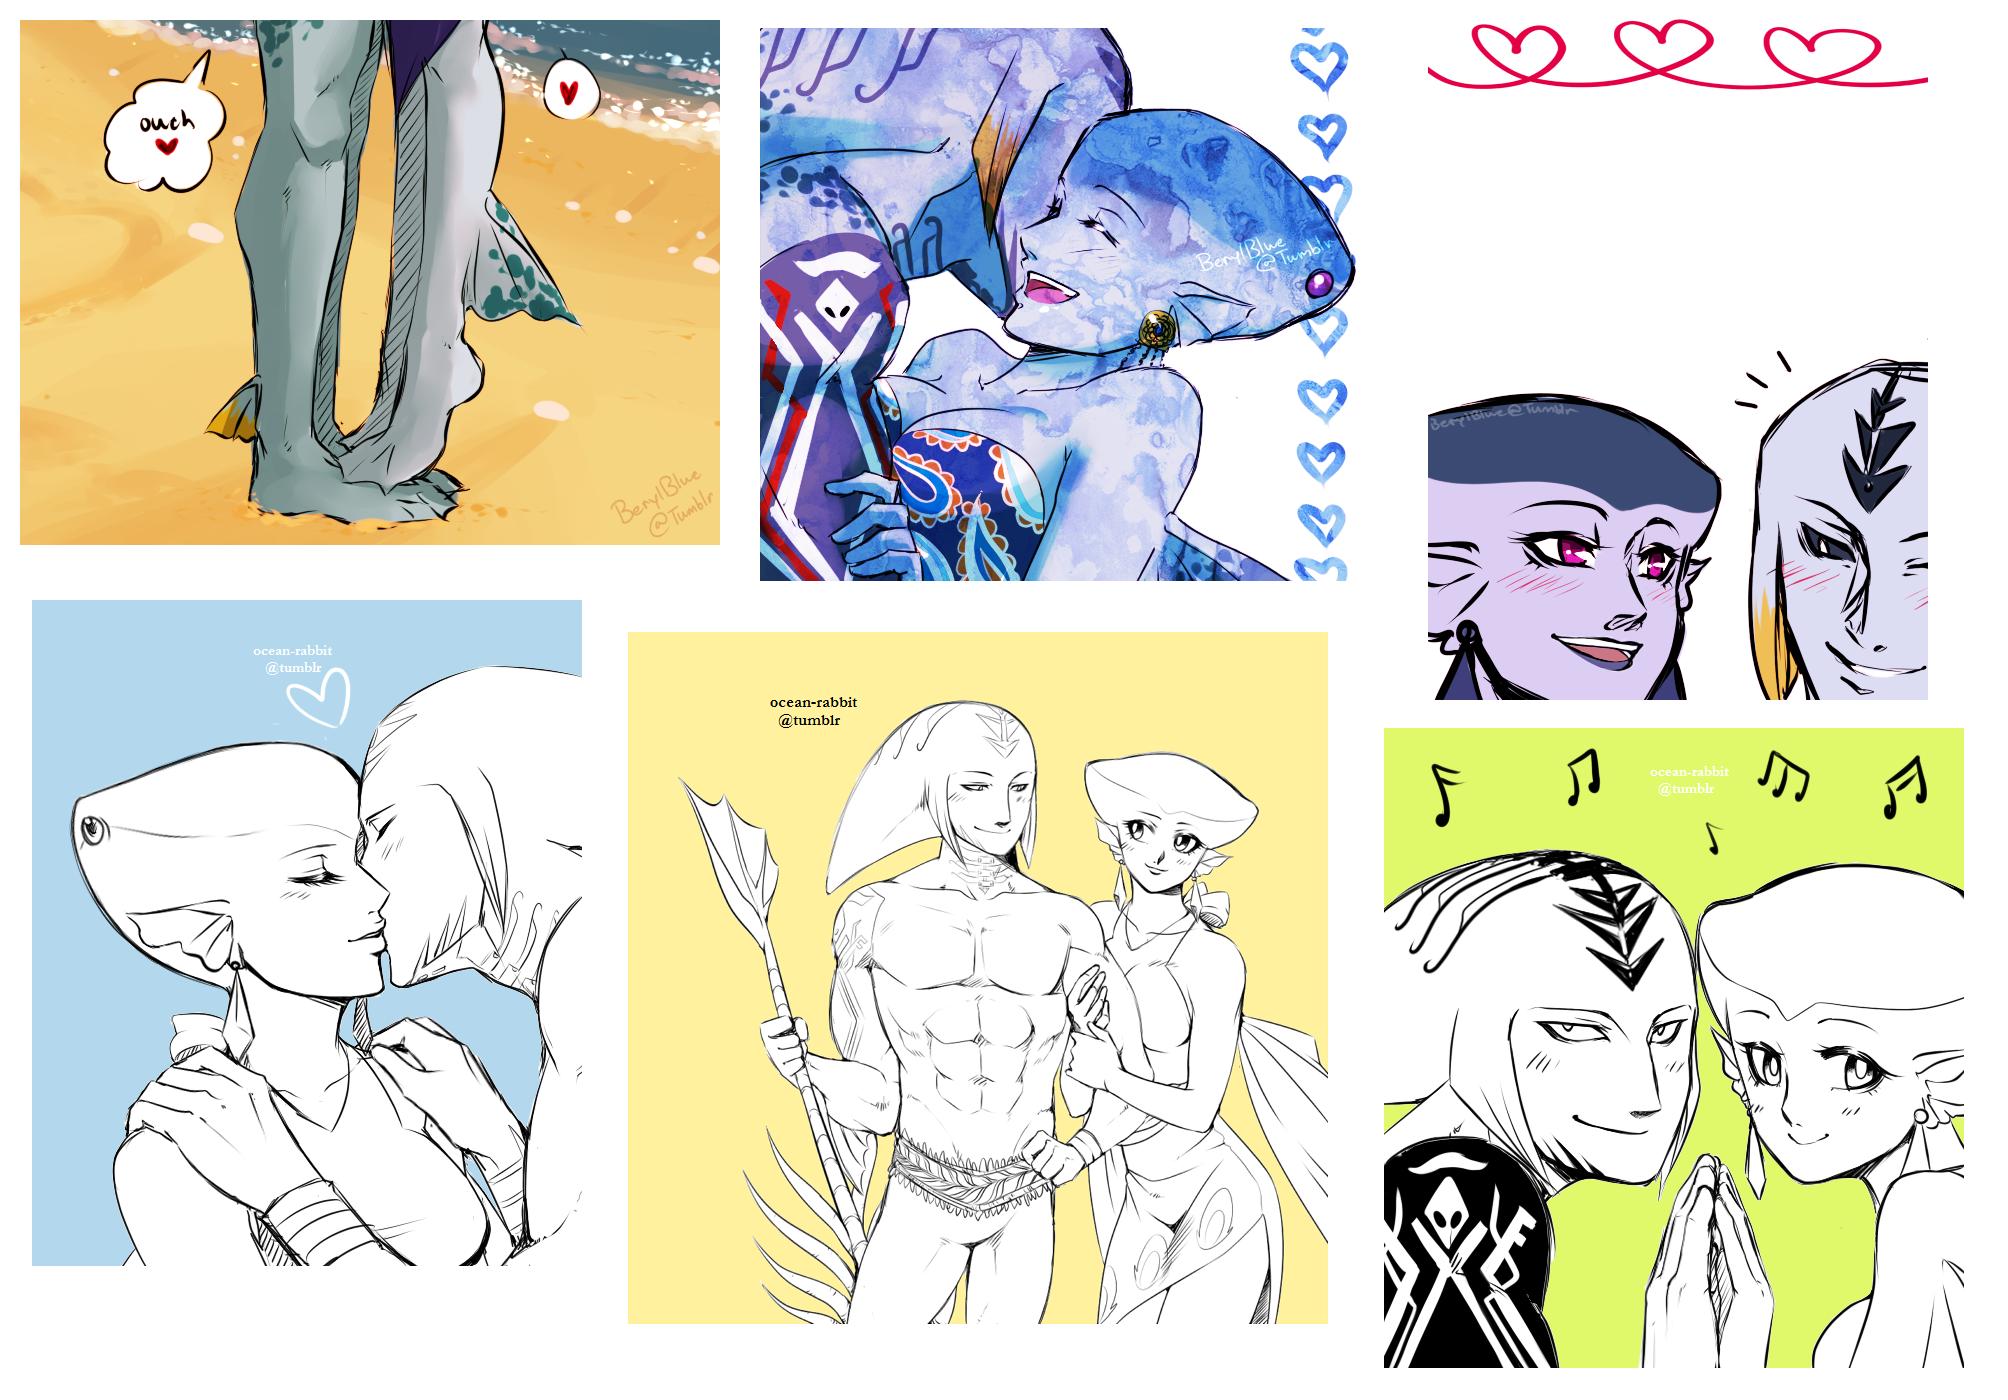 Mikau + Lulu art dump by SeaboardBlue